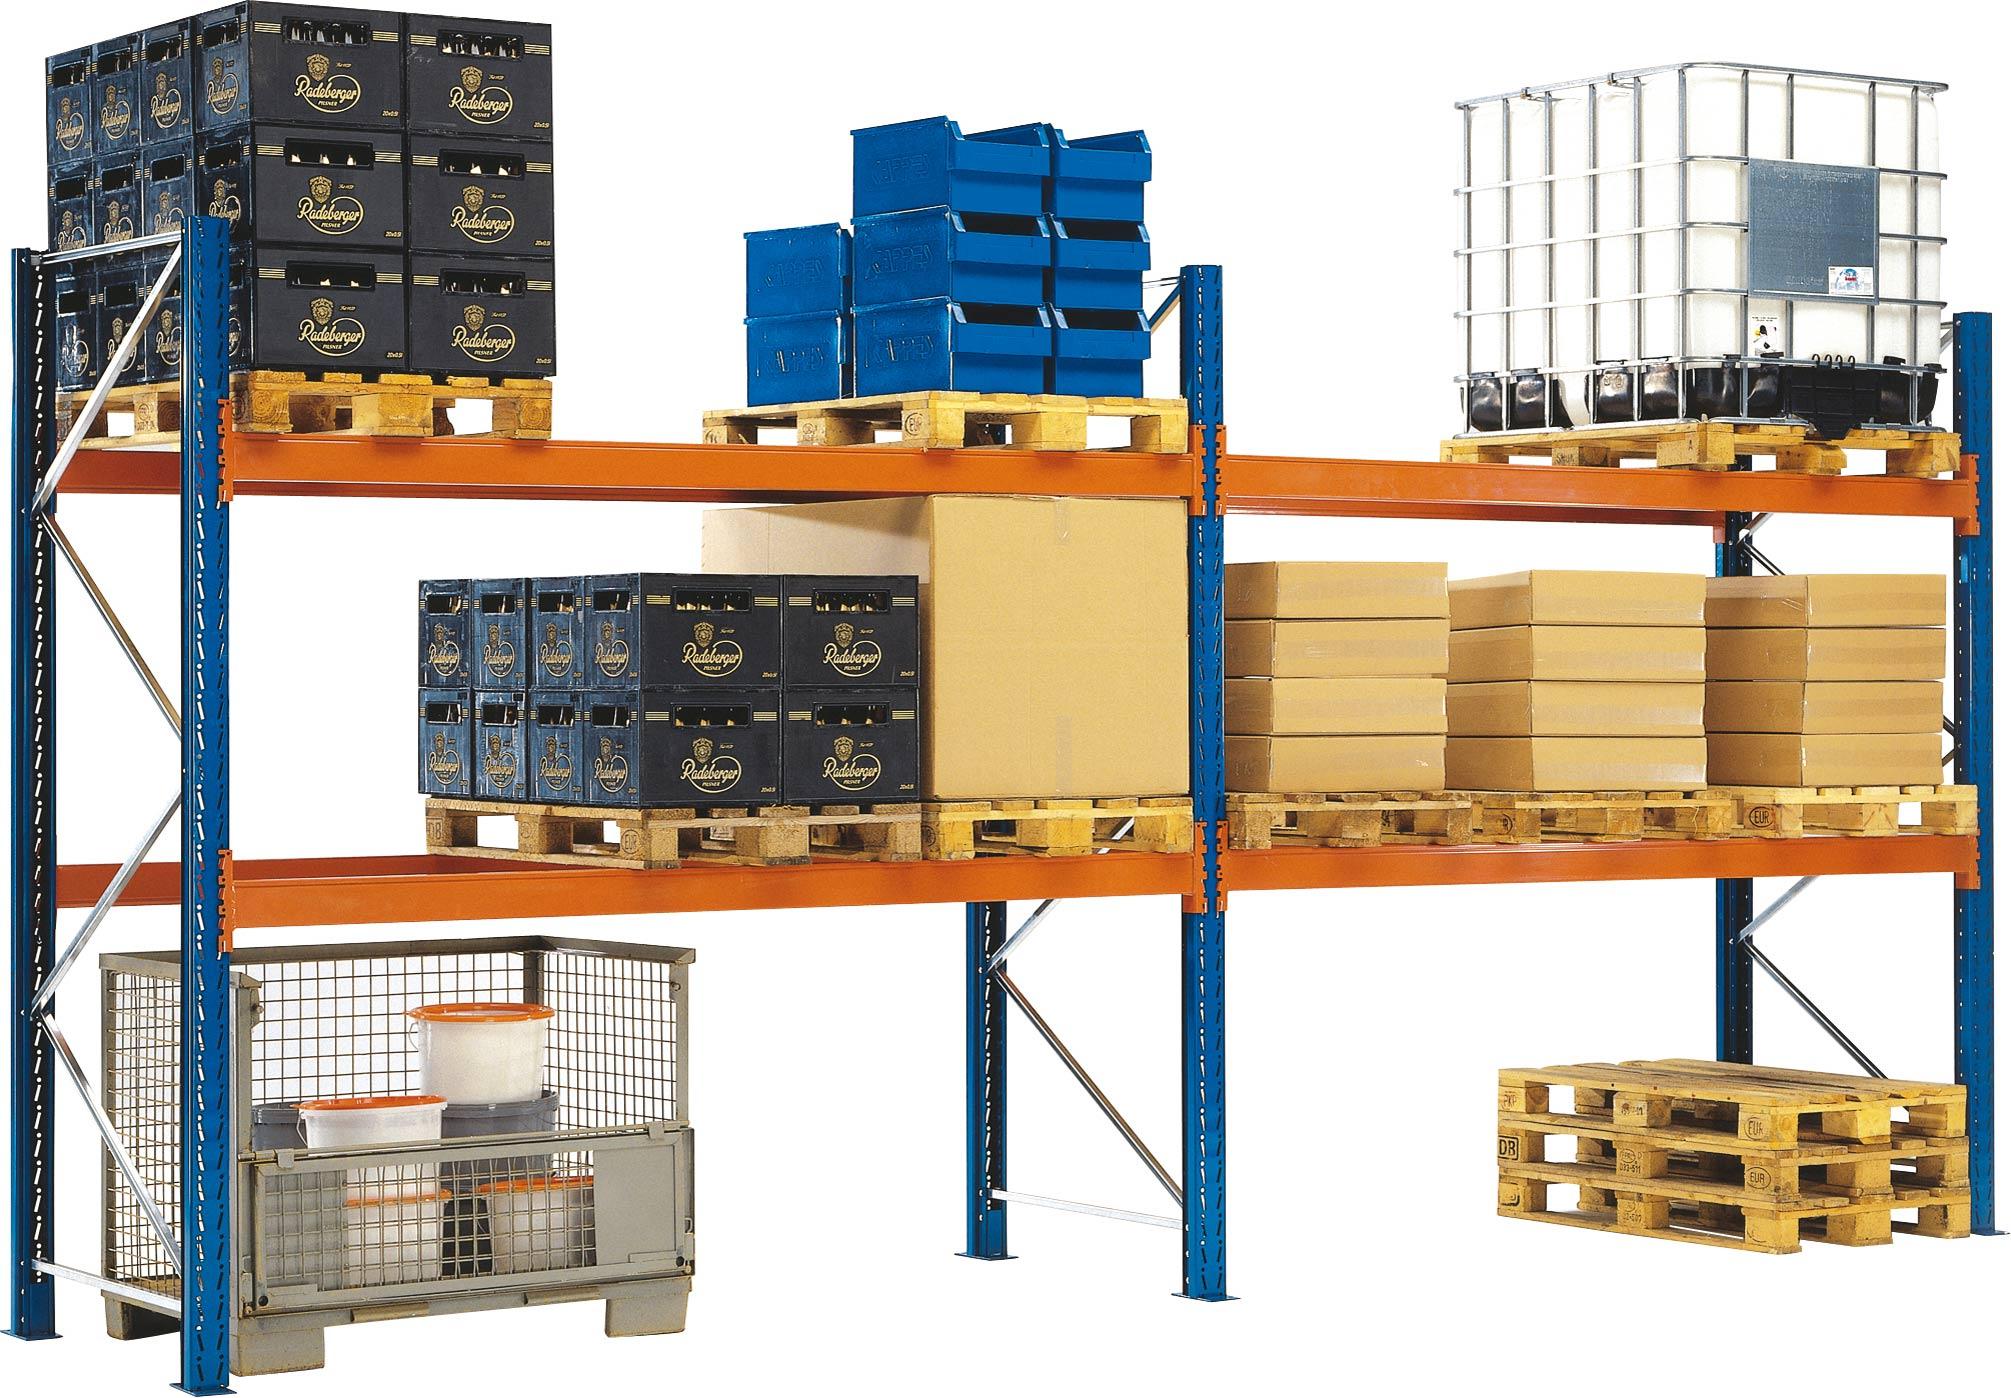 Regalwerk KENO Palettenregal 90|50 - Auflageträger 90 x 50 mm Fachlast 2120 kg - 2 bis 4 Ebenen (RW-C-B4-52131-750) Bild-01